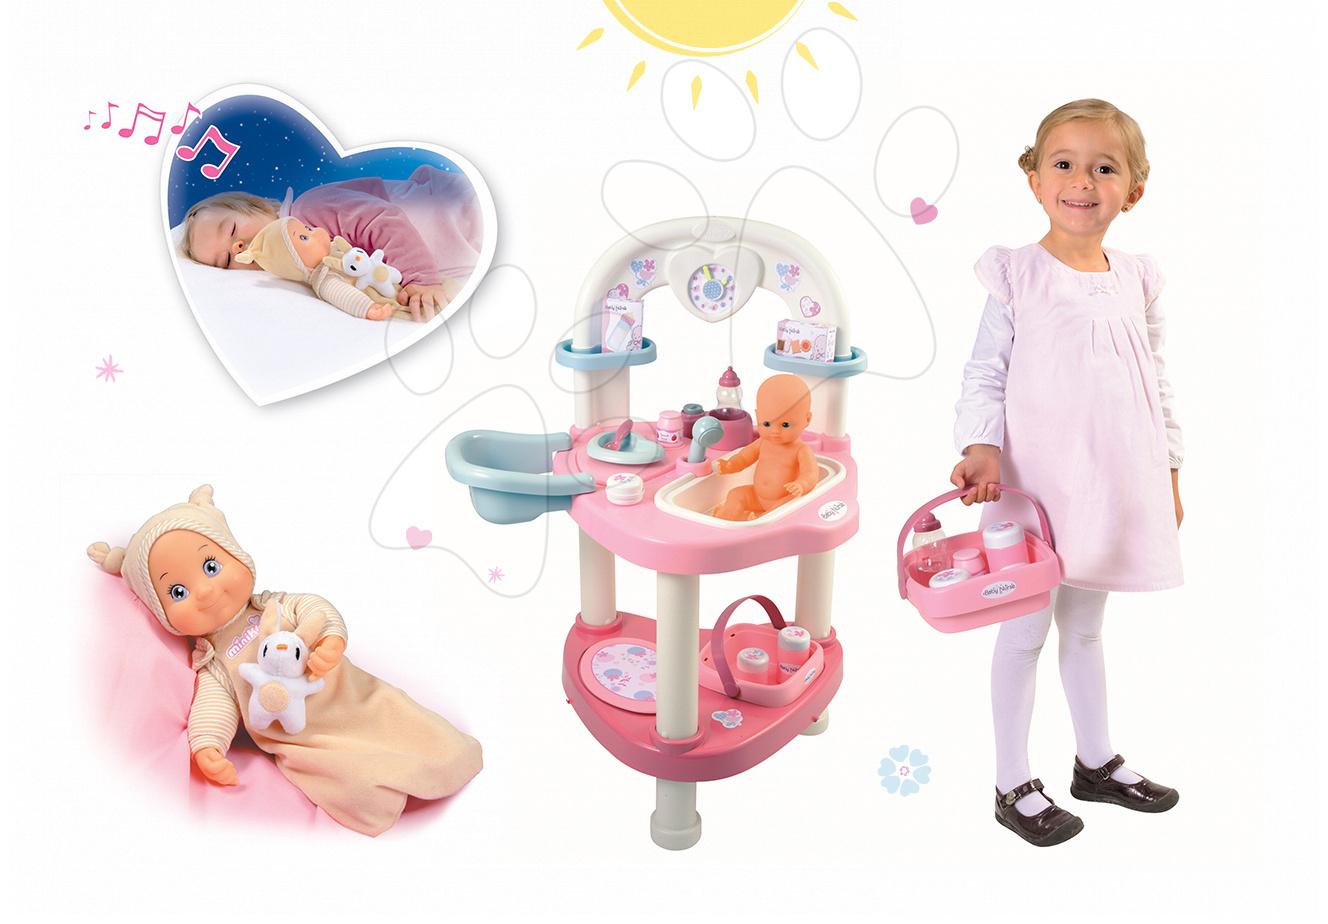 Domčeky pre bábiky sety - Set prebaľovací stôl pre bábiku Baby Nurse Srdiečko Smoby a bábika so zvukom MiniKiss do postieľky 27 cm